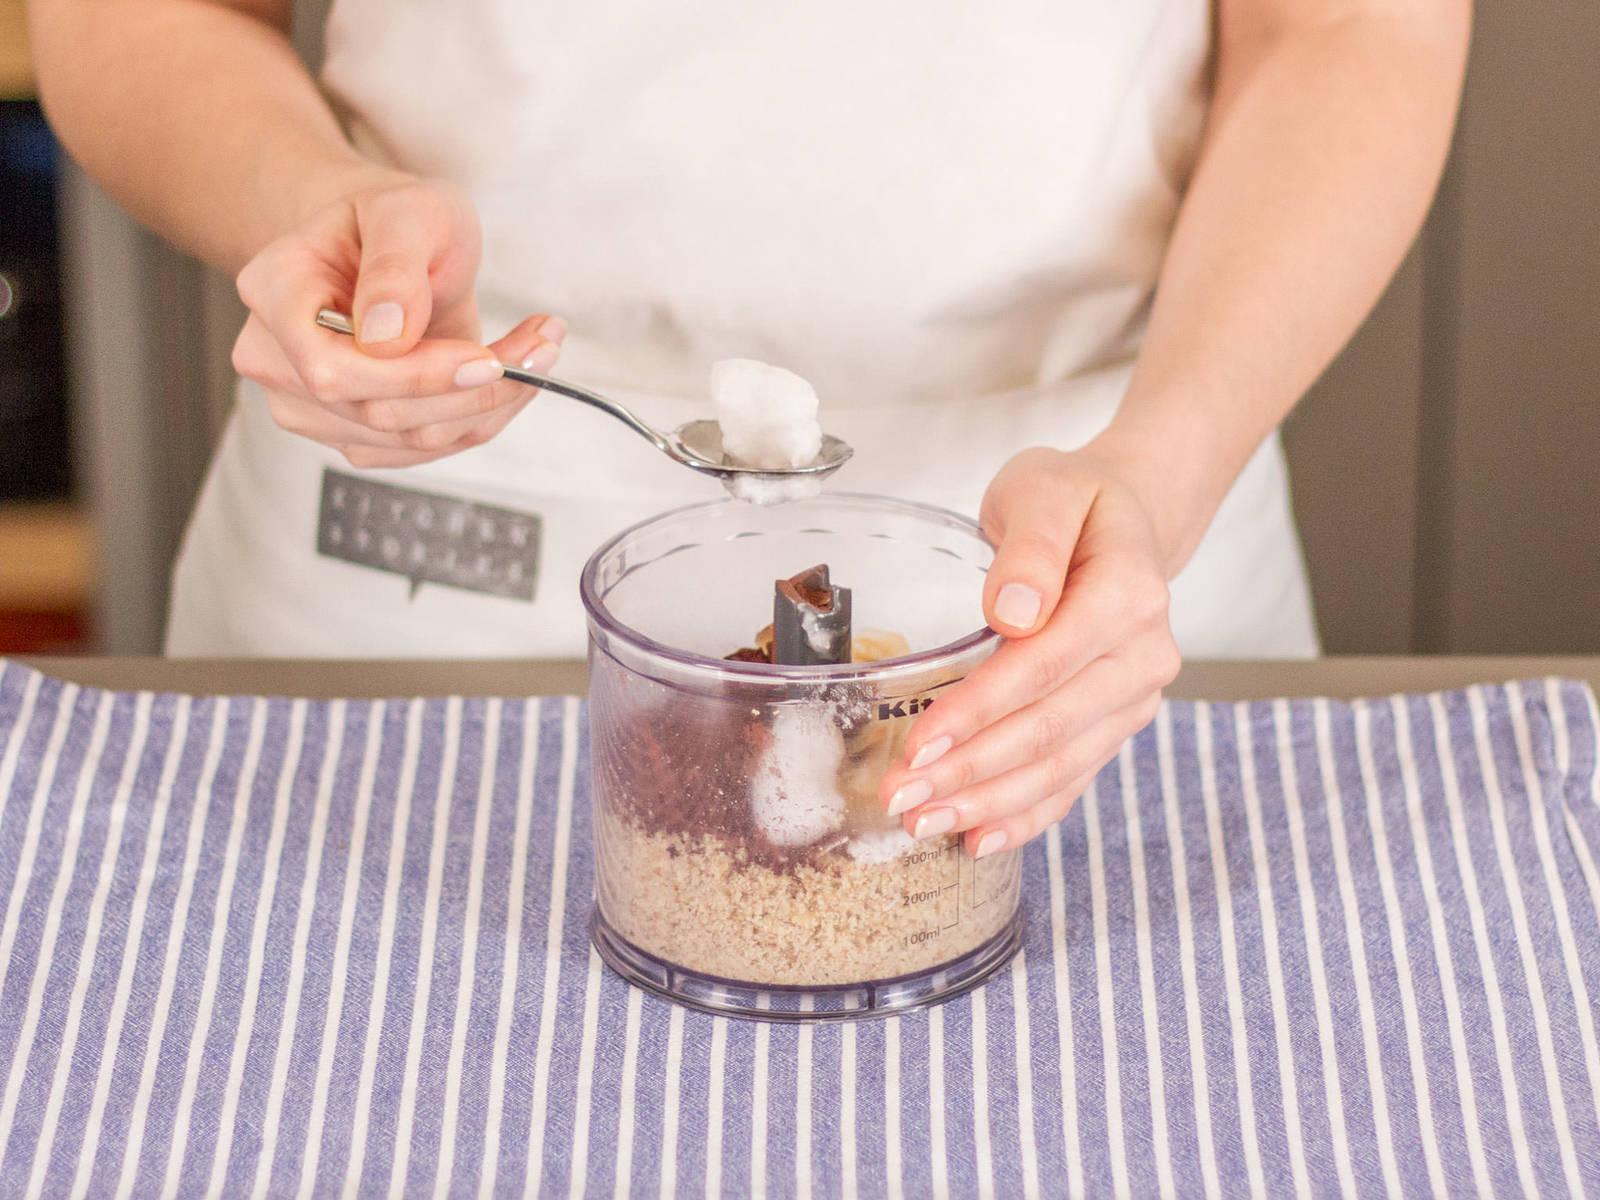 将一些烤好的椰子片、可可粉、椰油、甜叶菊和一撮盐放到食品料理机中,搅打均匀后倒入一个大碗中,然后冷藏1小时,直至混合物凝固。